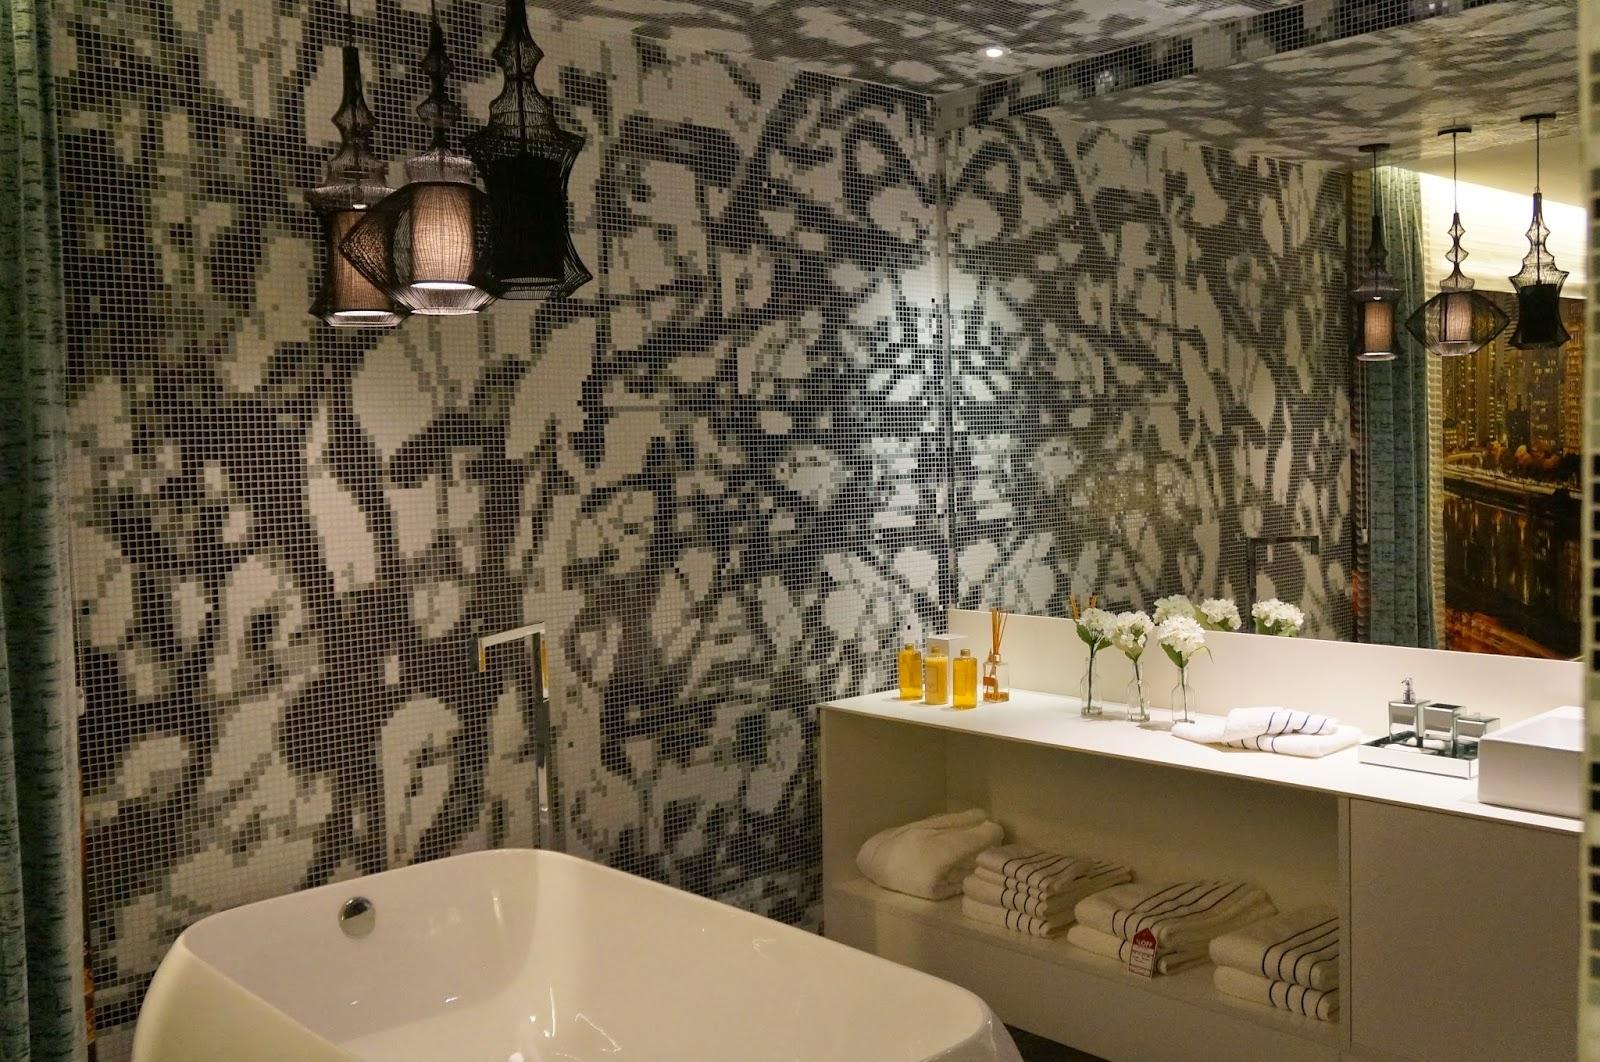 ambiente Loft - Adriana Noya - trio de pendentes - Casa Cor SP 2014